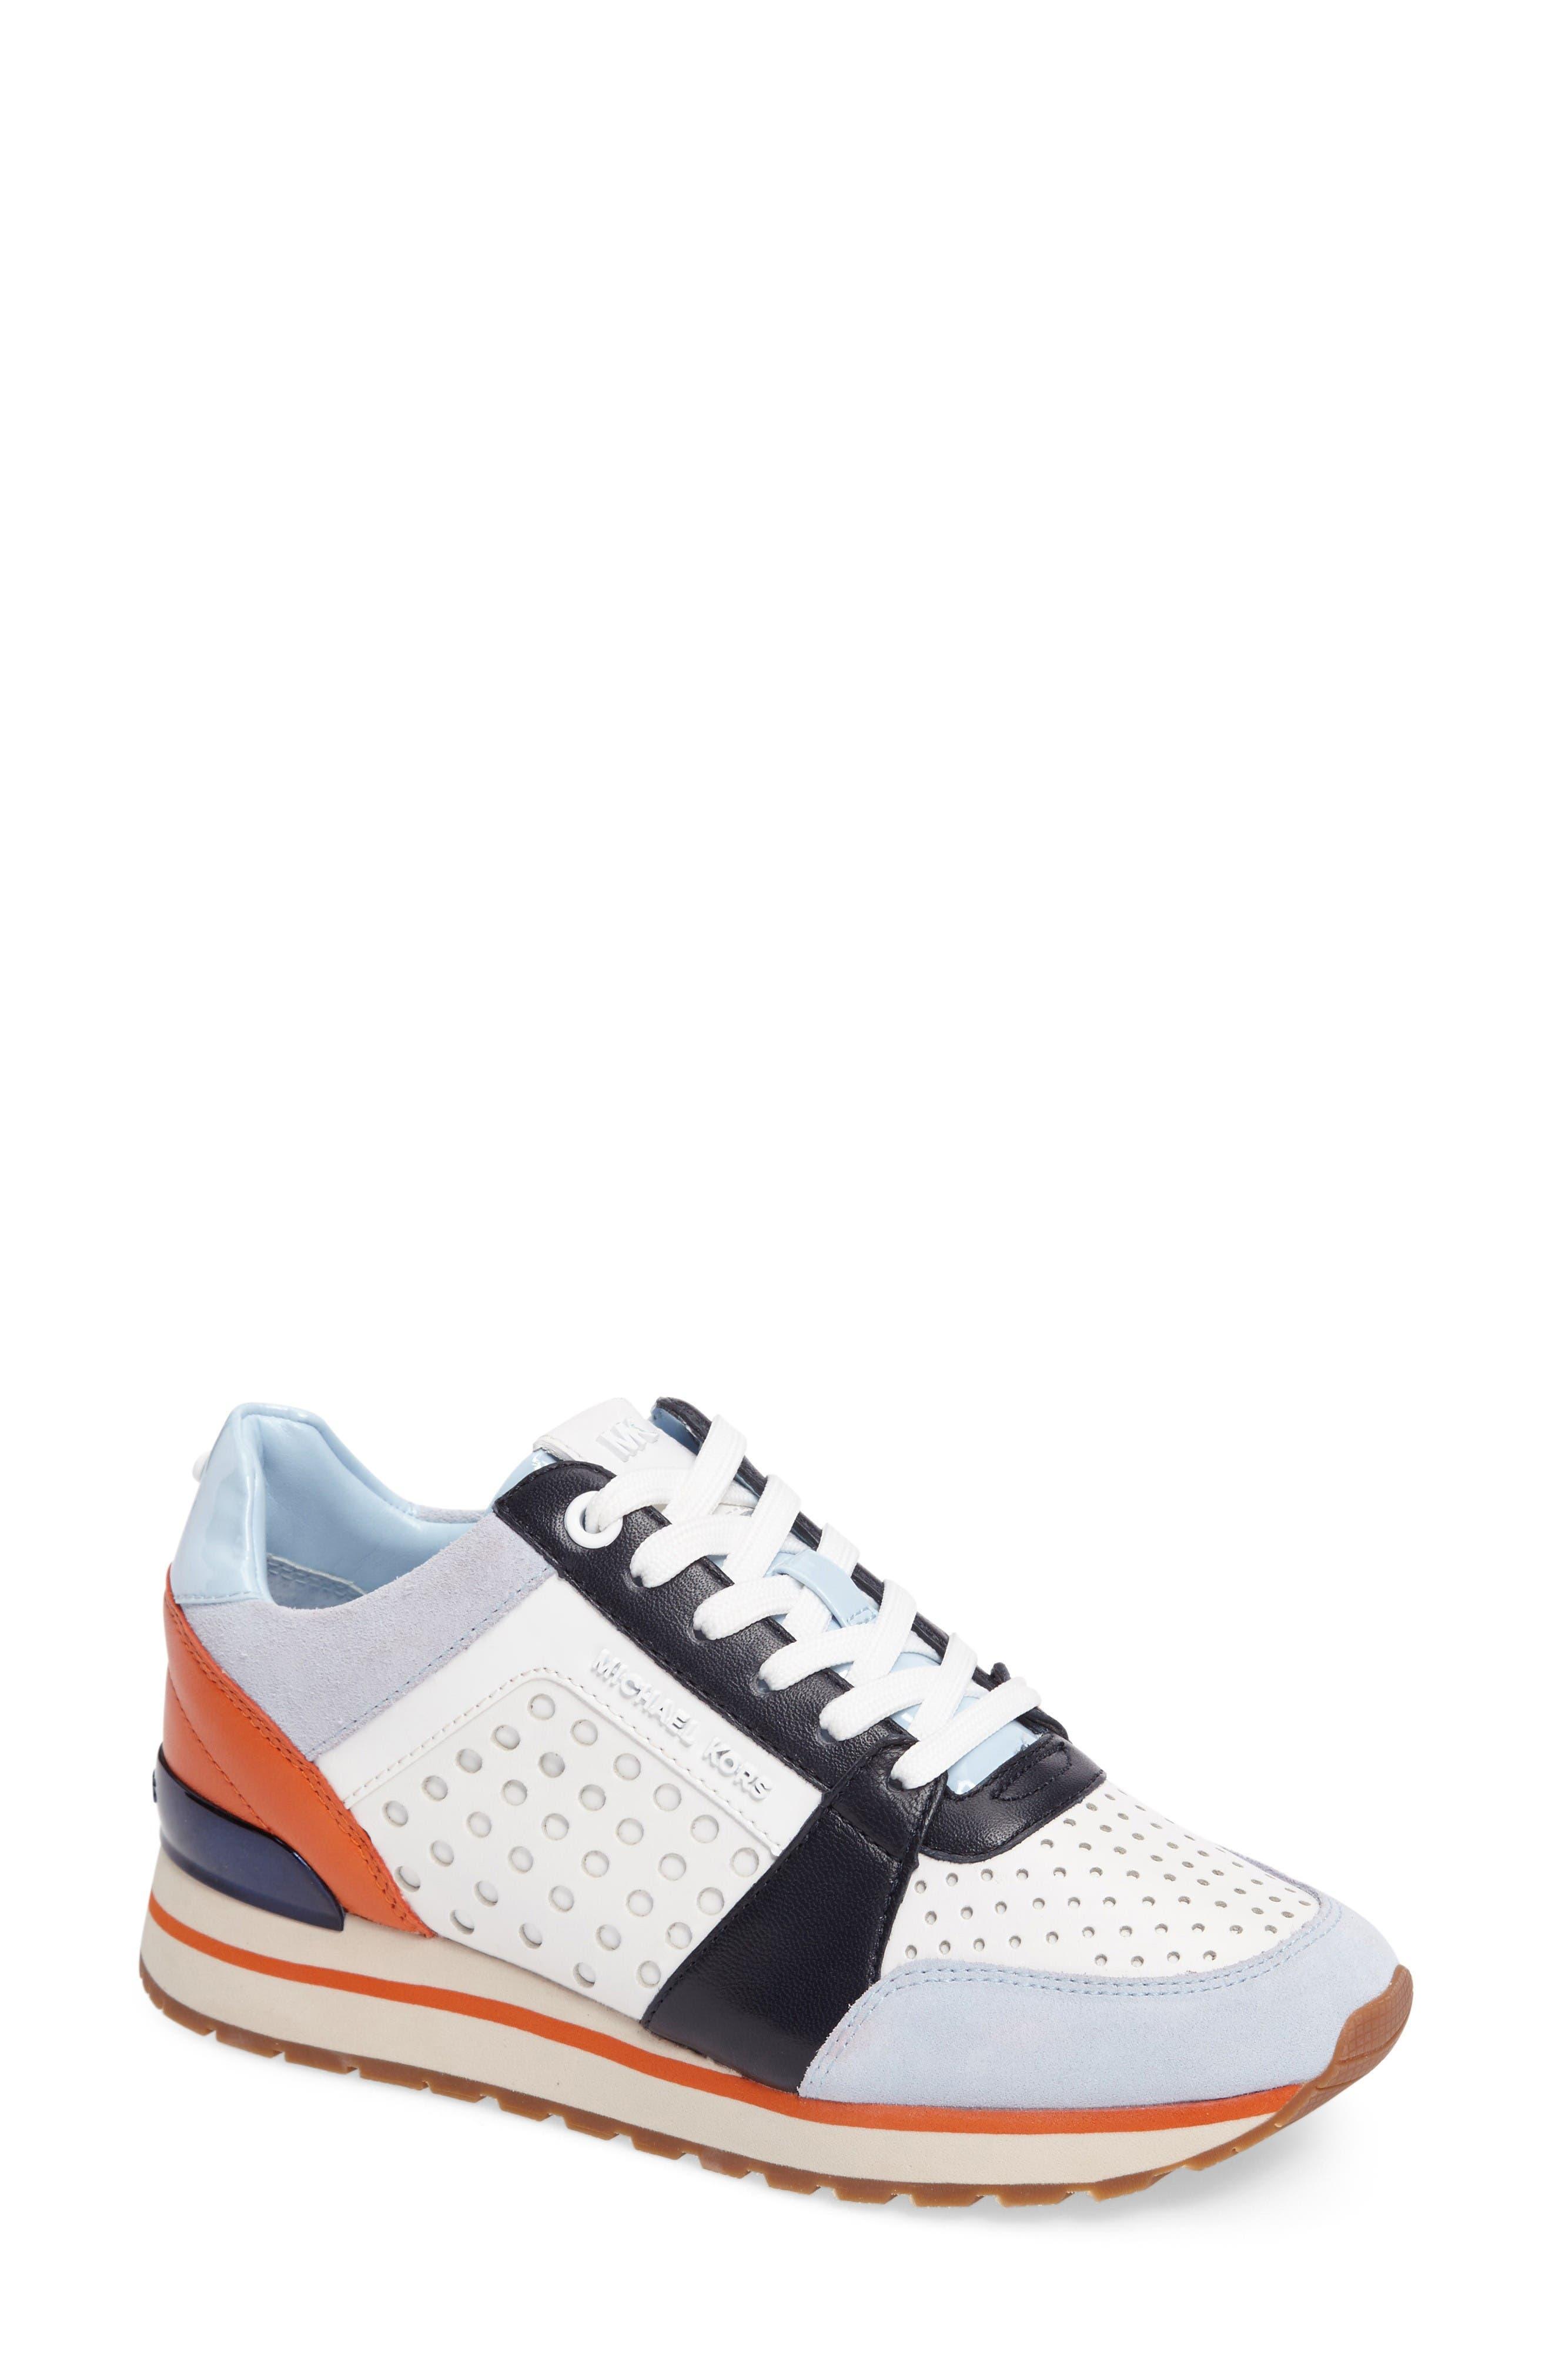 Alternate Image 1 Selected - MICHAEL Michael Kors Billie Perforated Sneaker (Women)